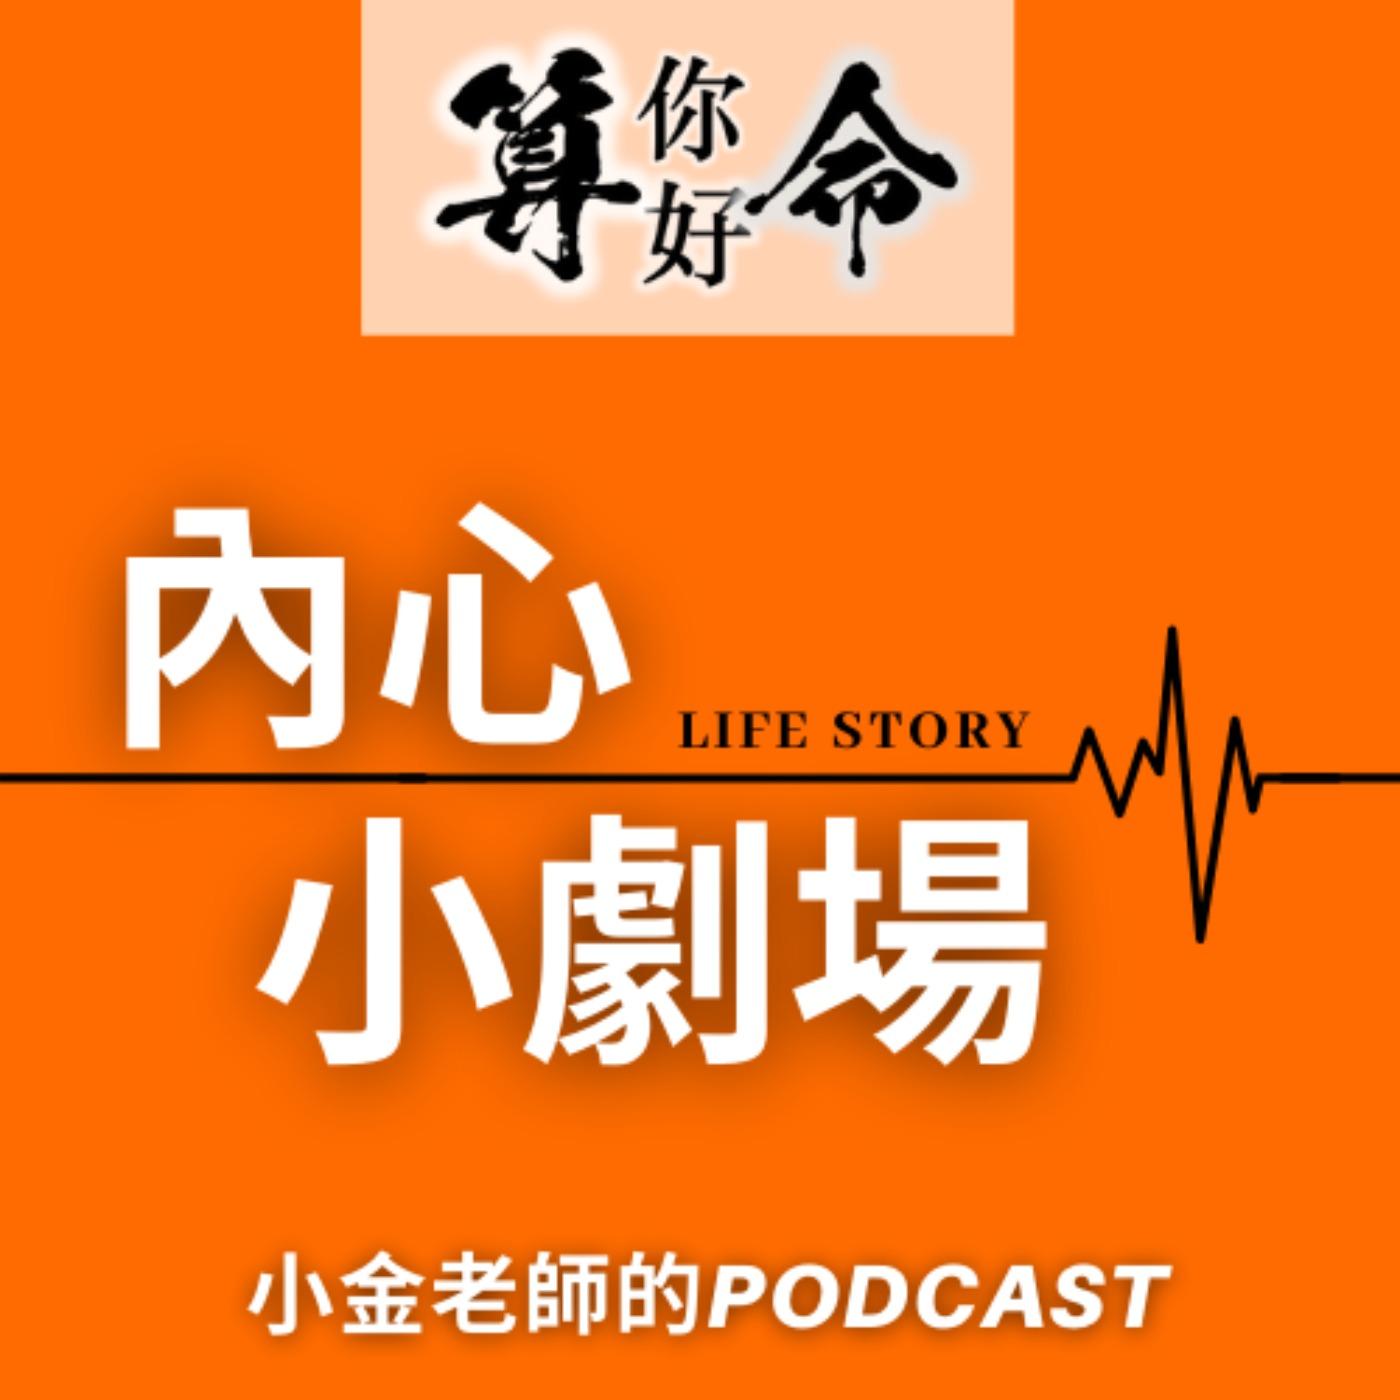 84-內心小劇場 福禍相依的故事-是福不是禍,是禍躲不過